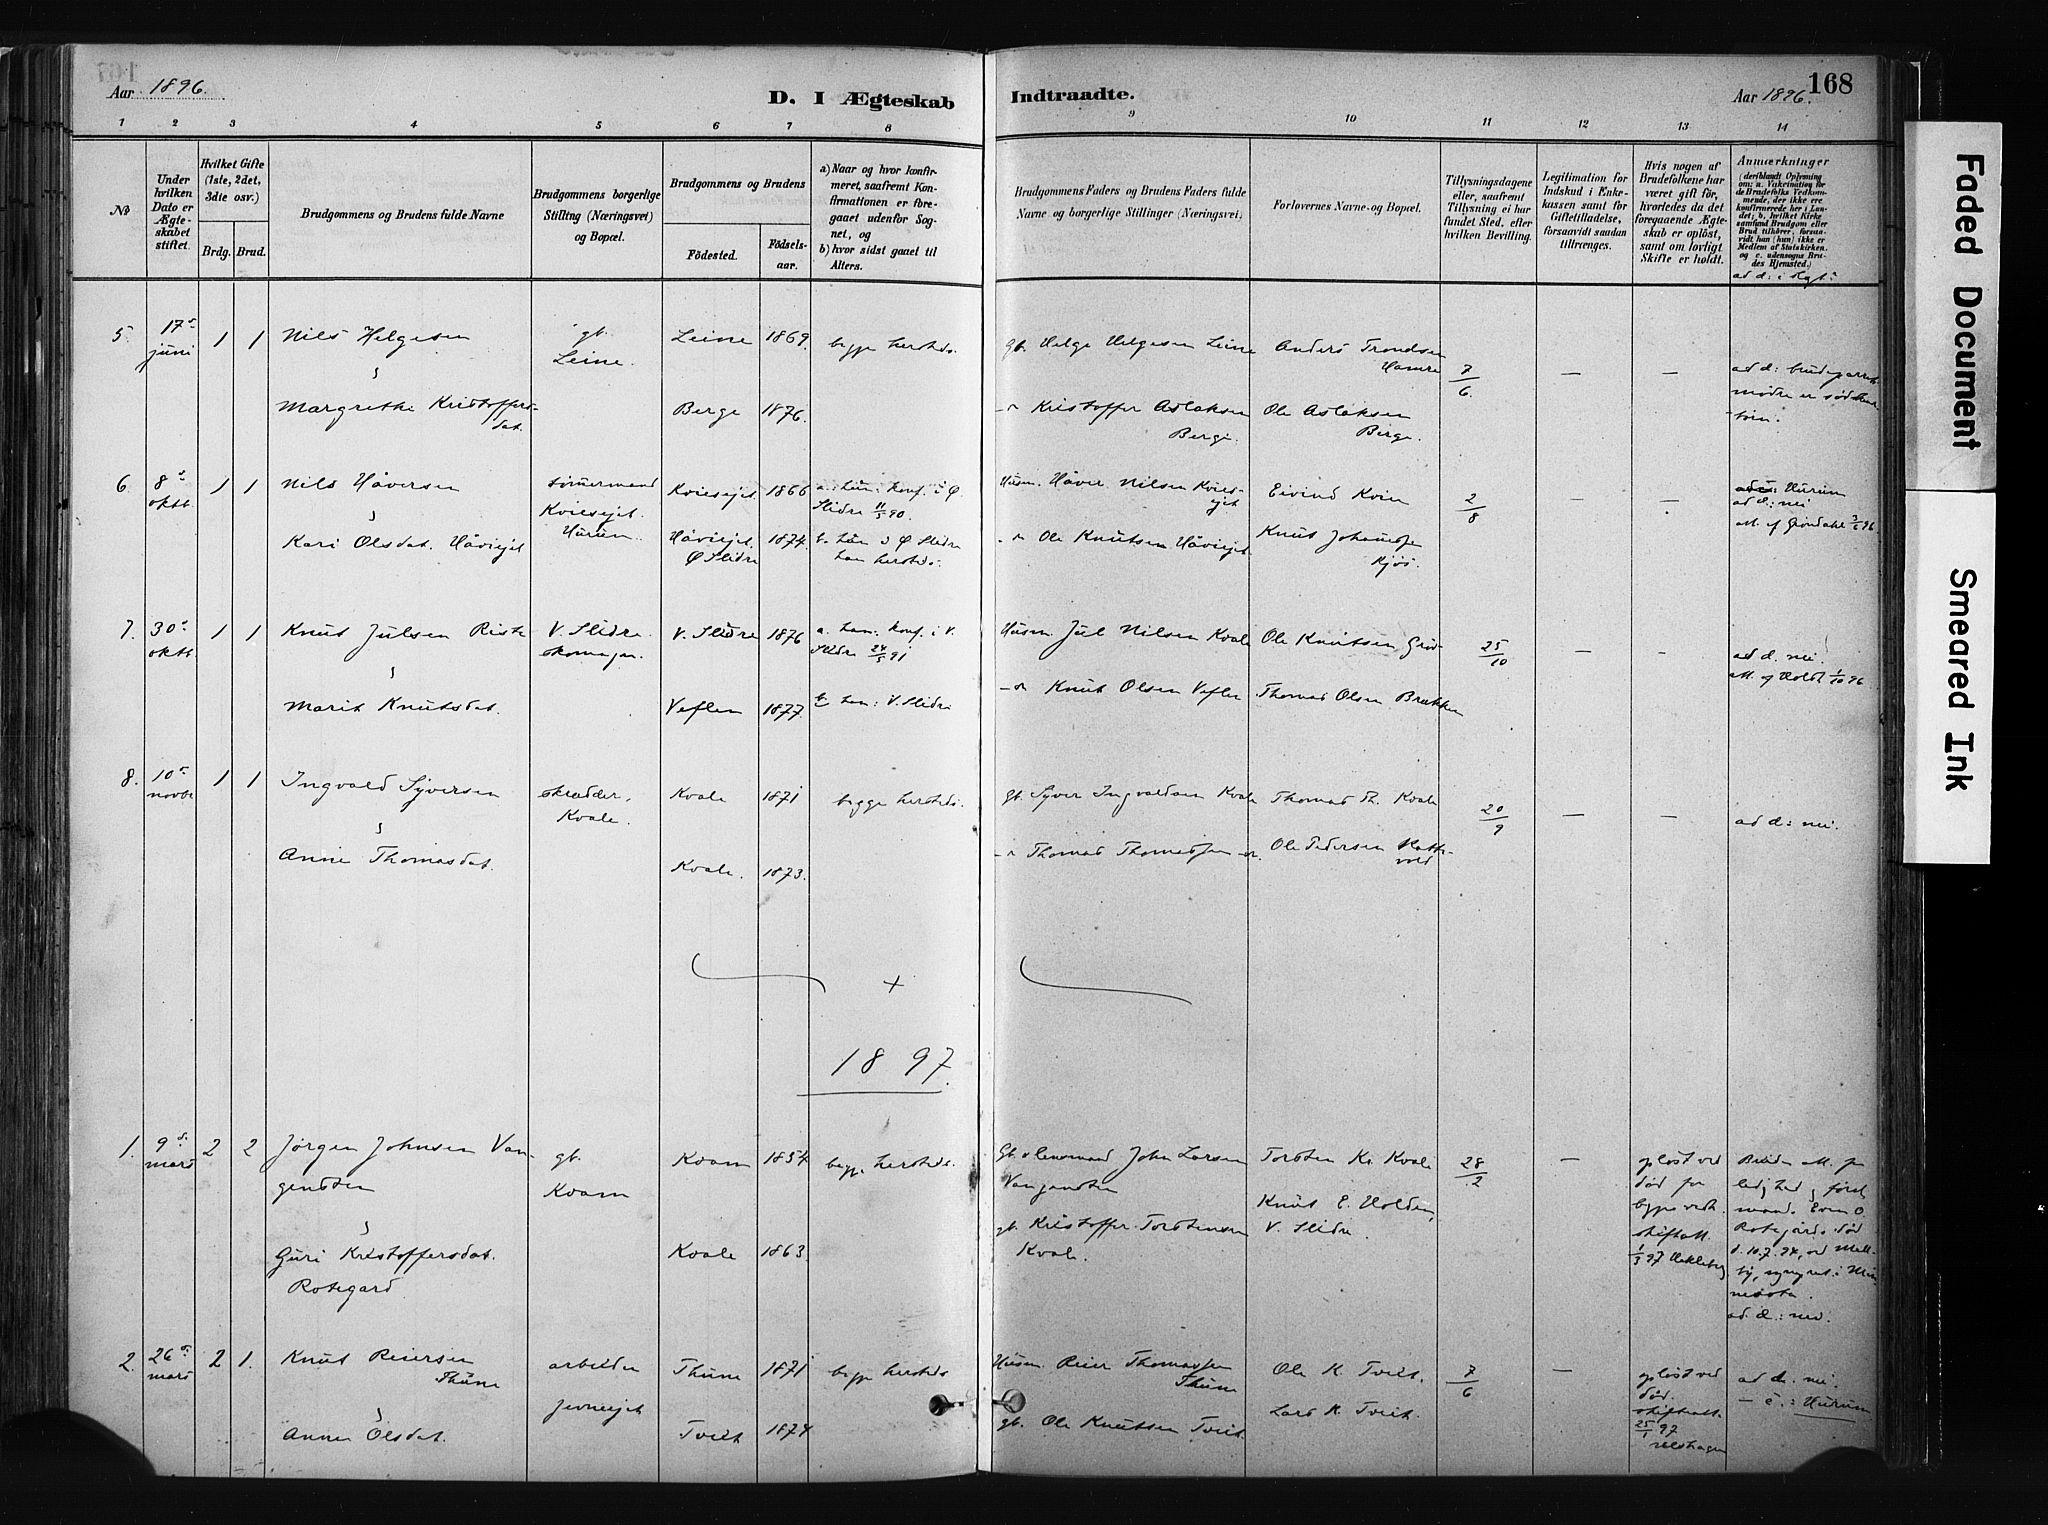 SAH, Vang prestekontor, Valdres, Ministerialbok nr. 8, 1882-1910, s. 168